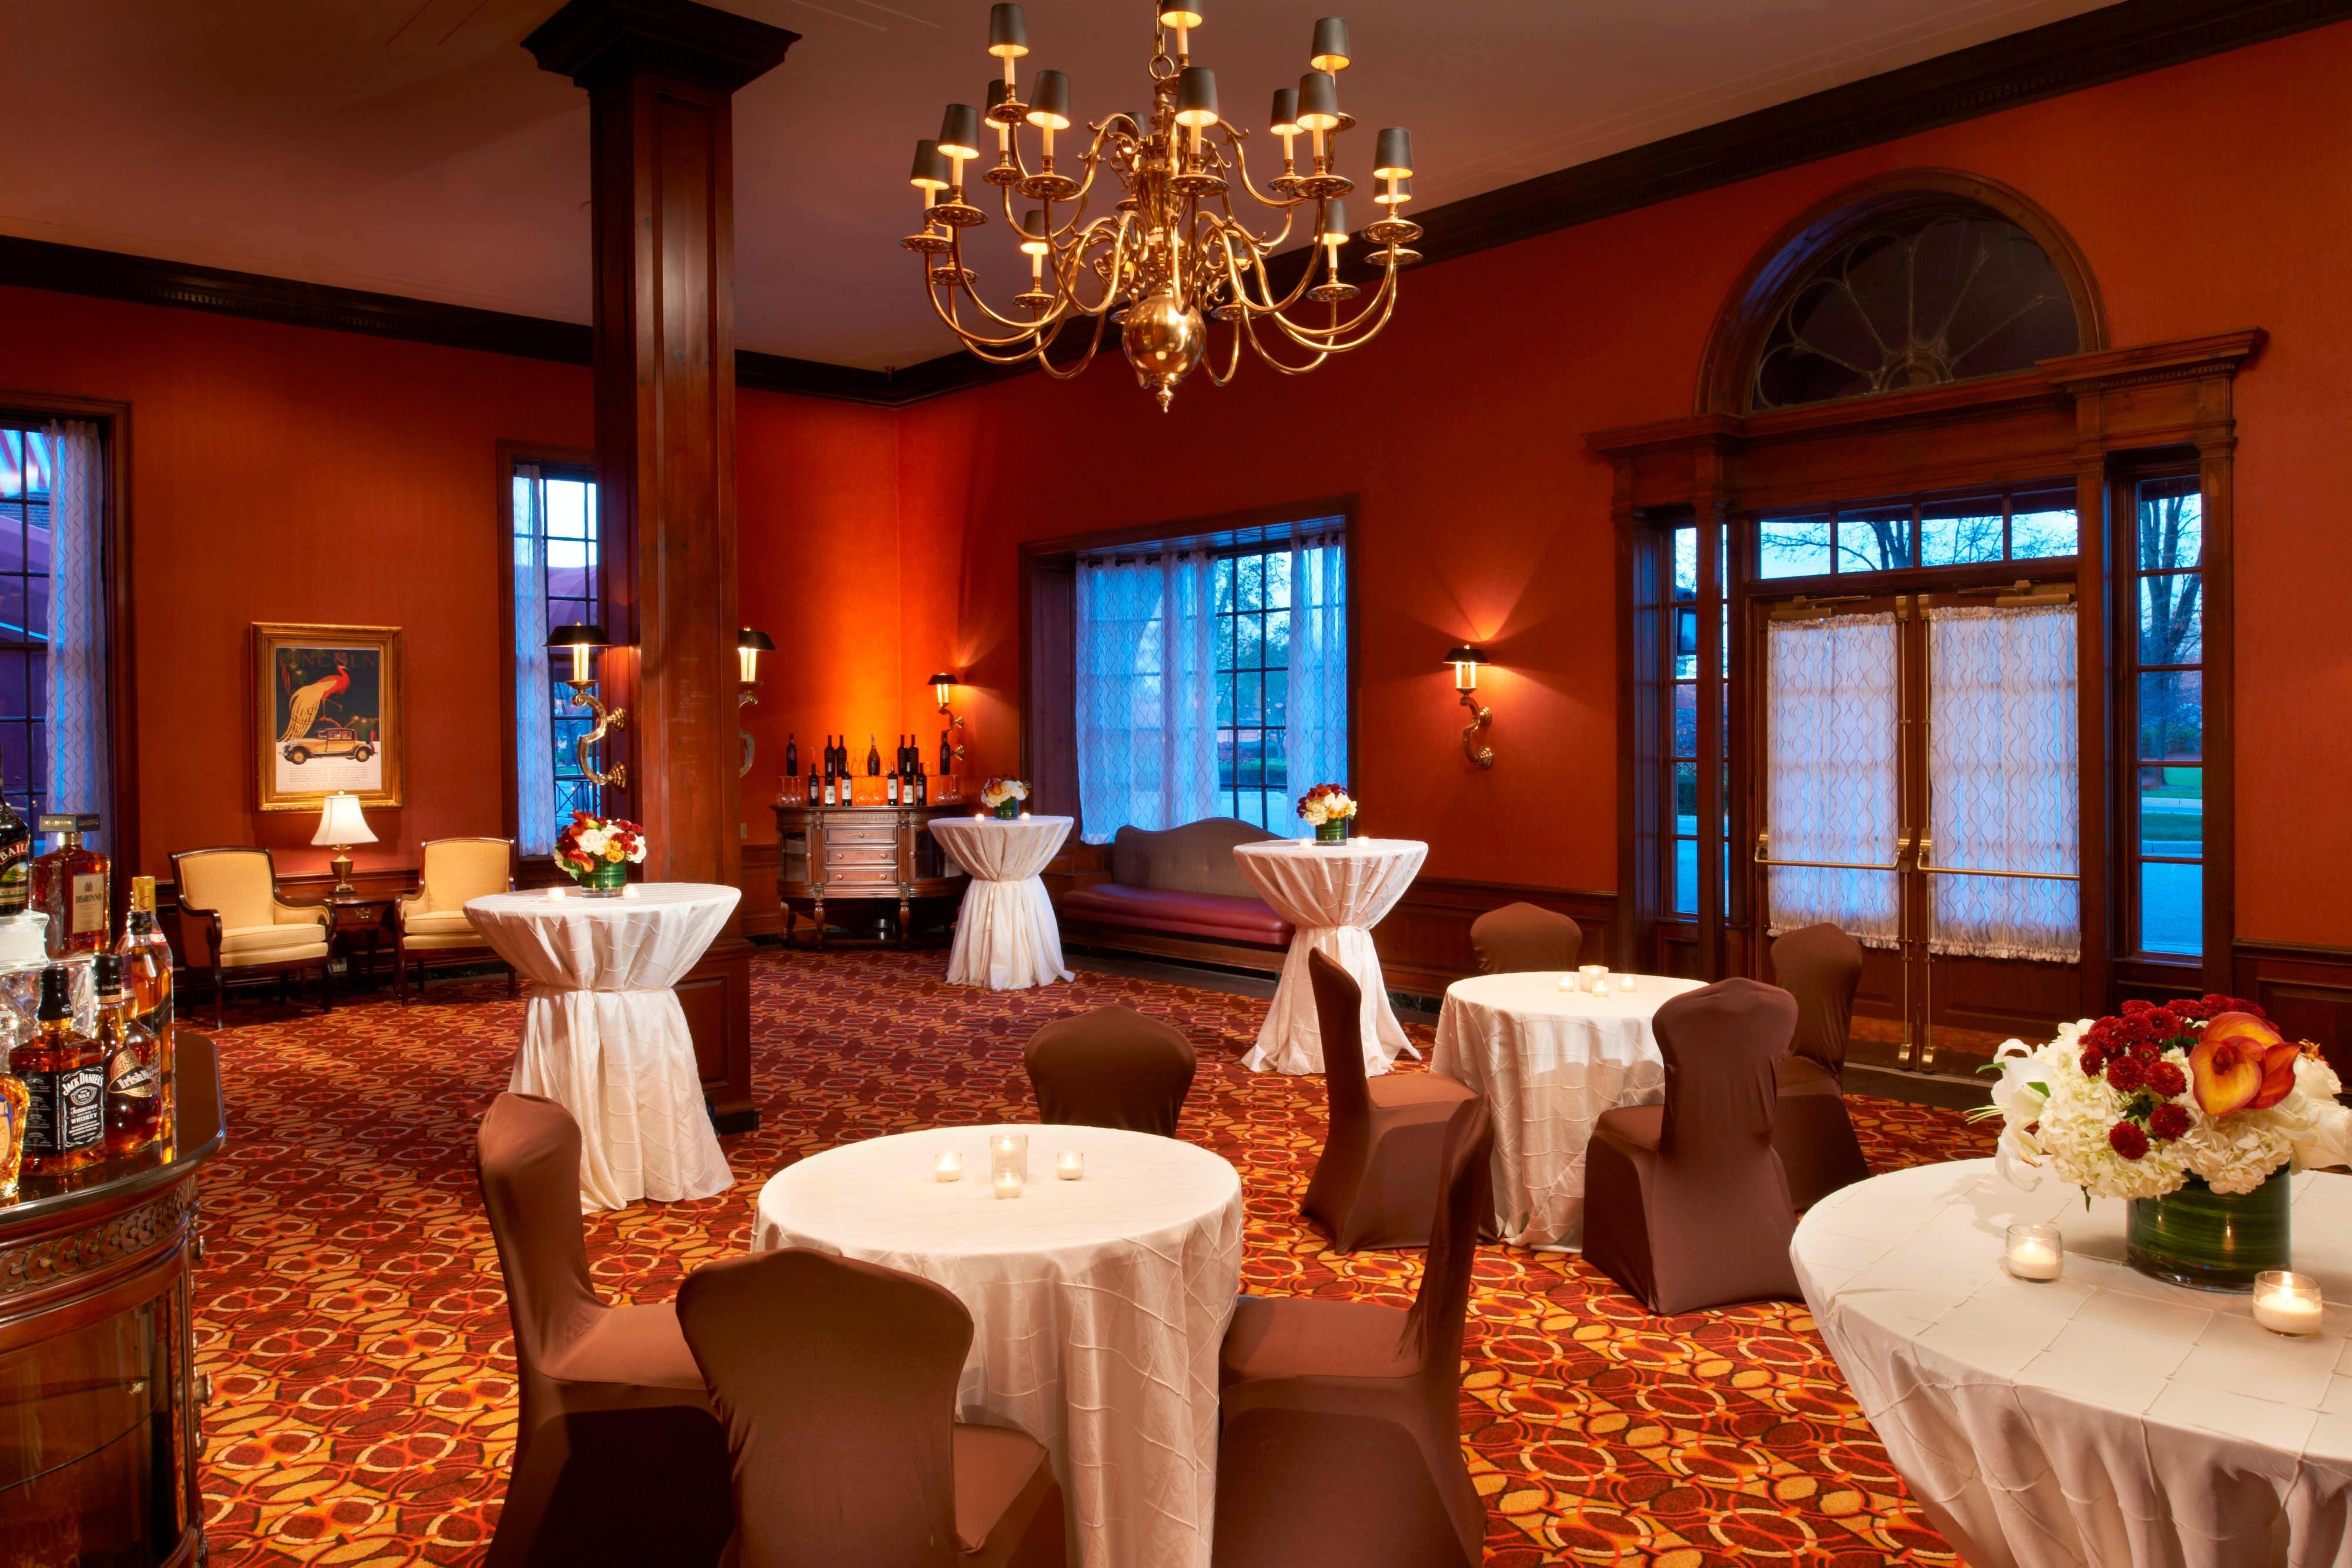 Banquet Halls in Dearborn, MI